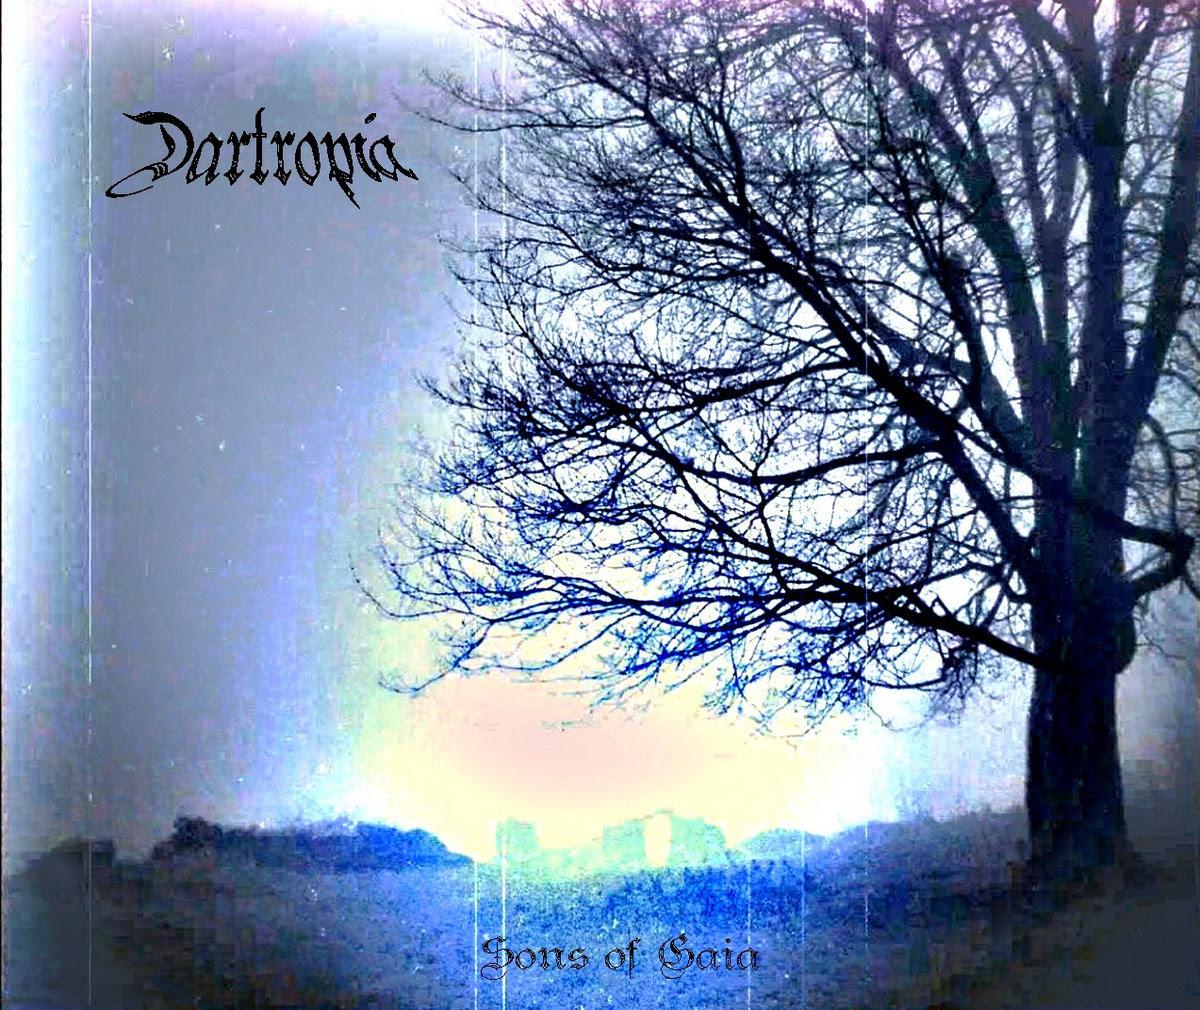 Dartropia - Sons of Gaïa (Demo 2014)